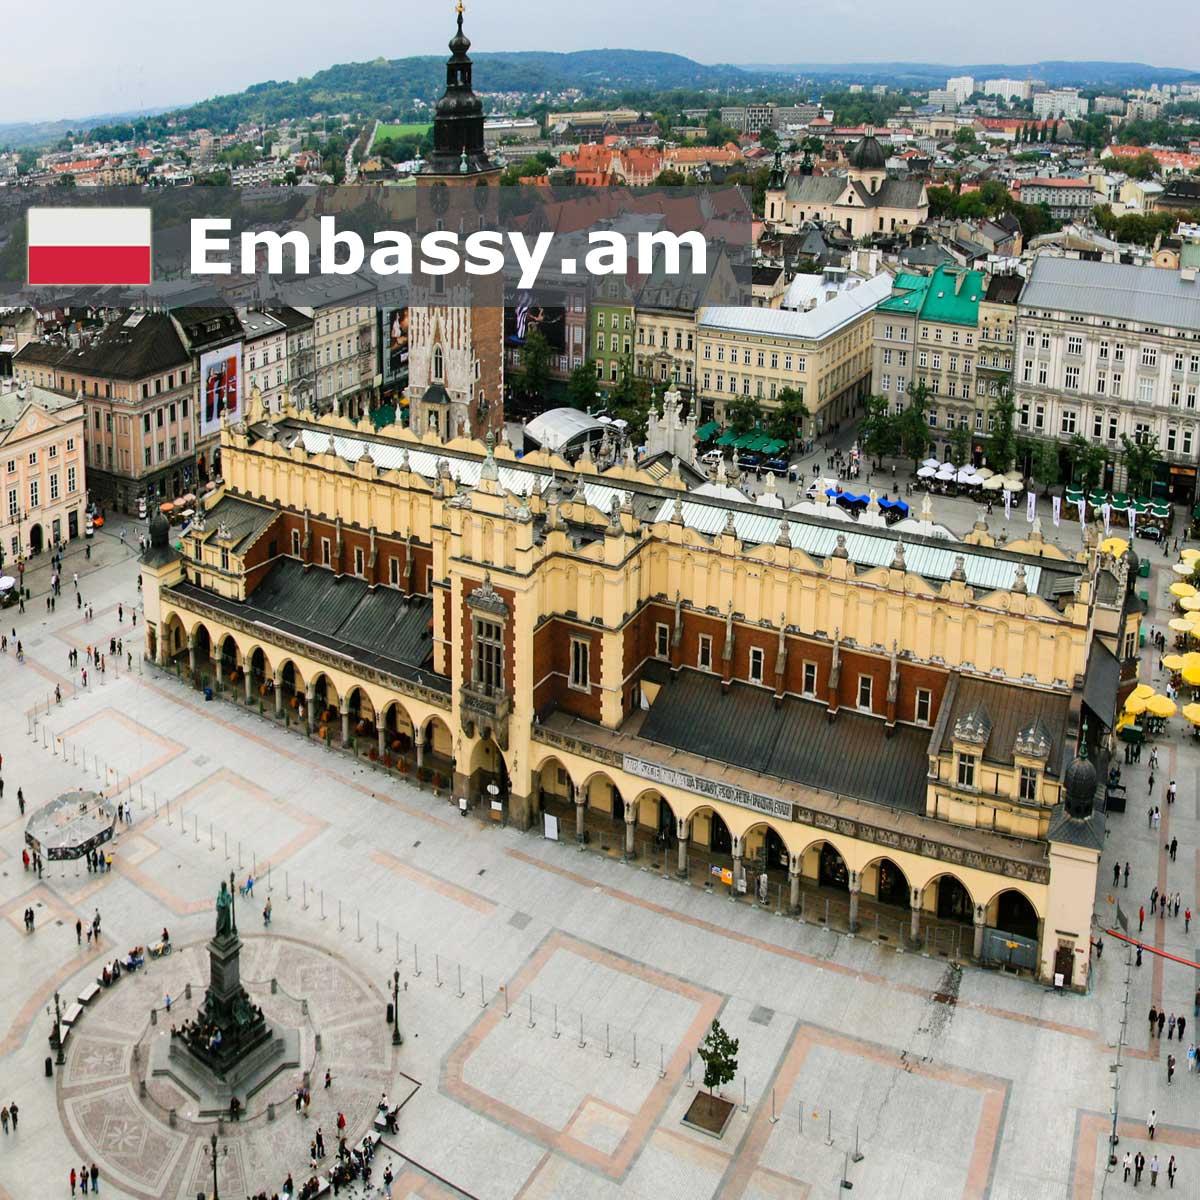 Краков - Отели в Польши - Embassy.am